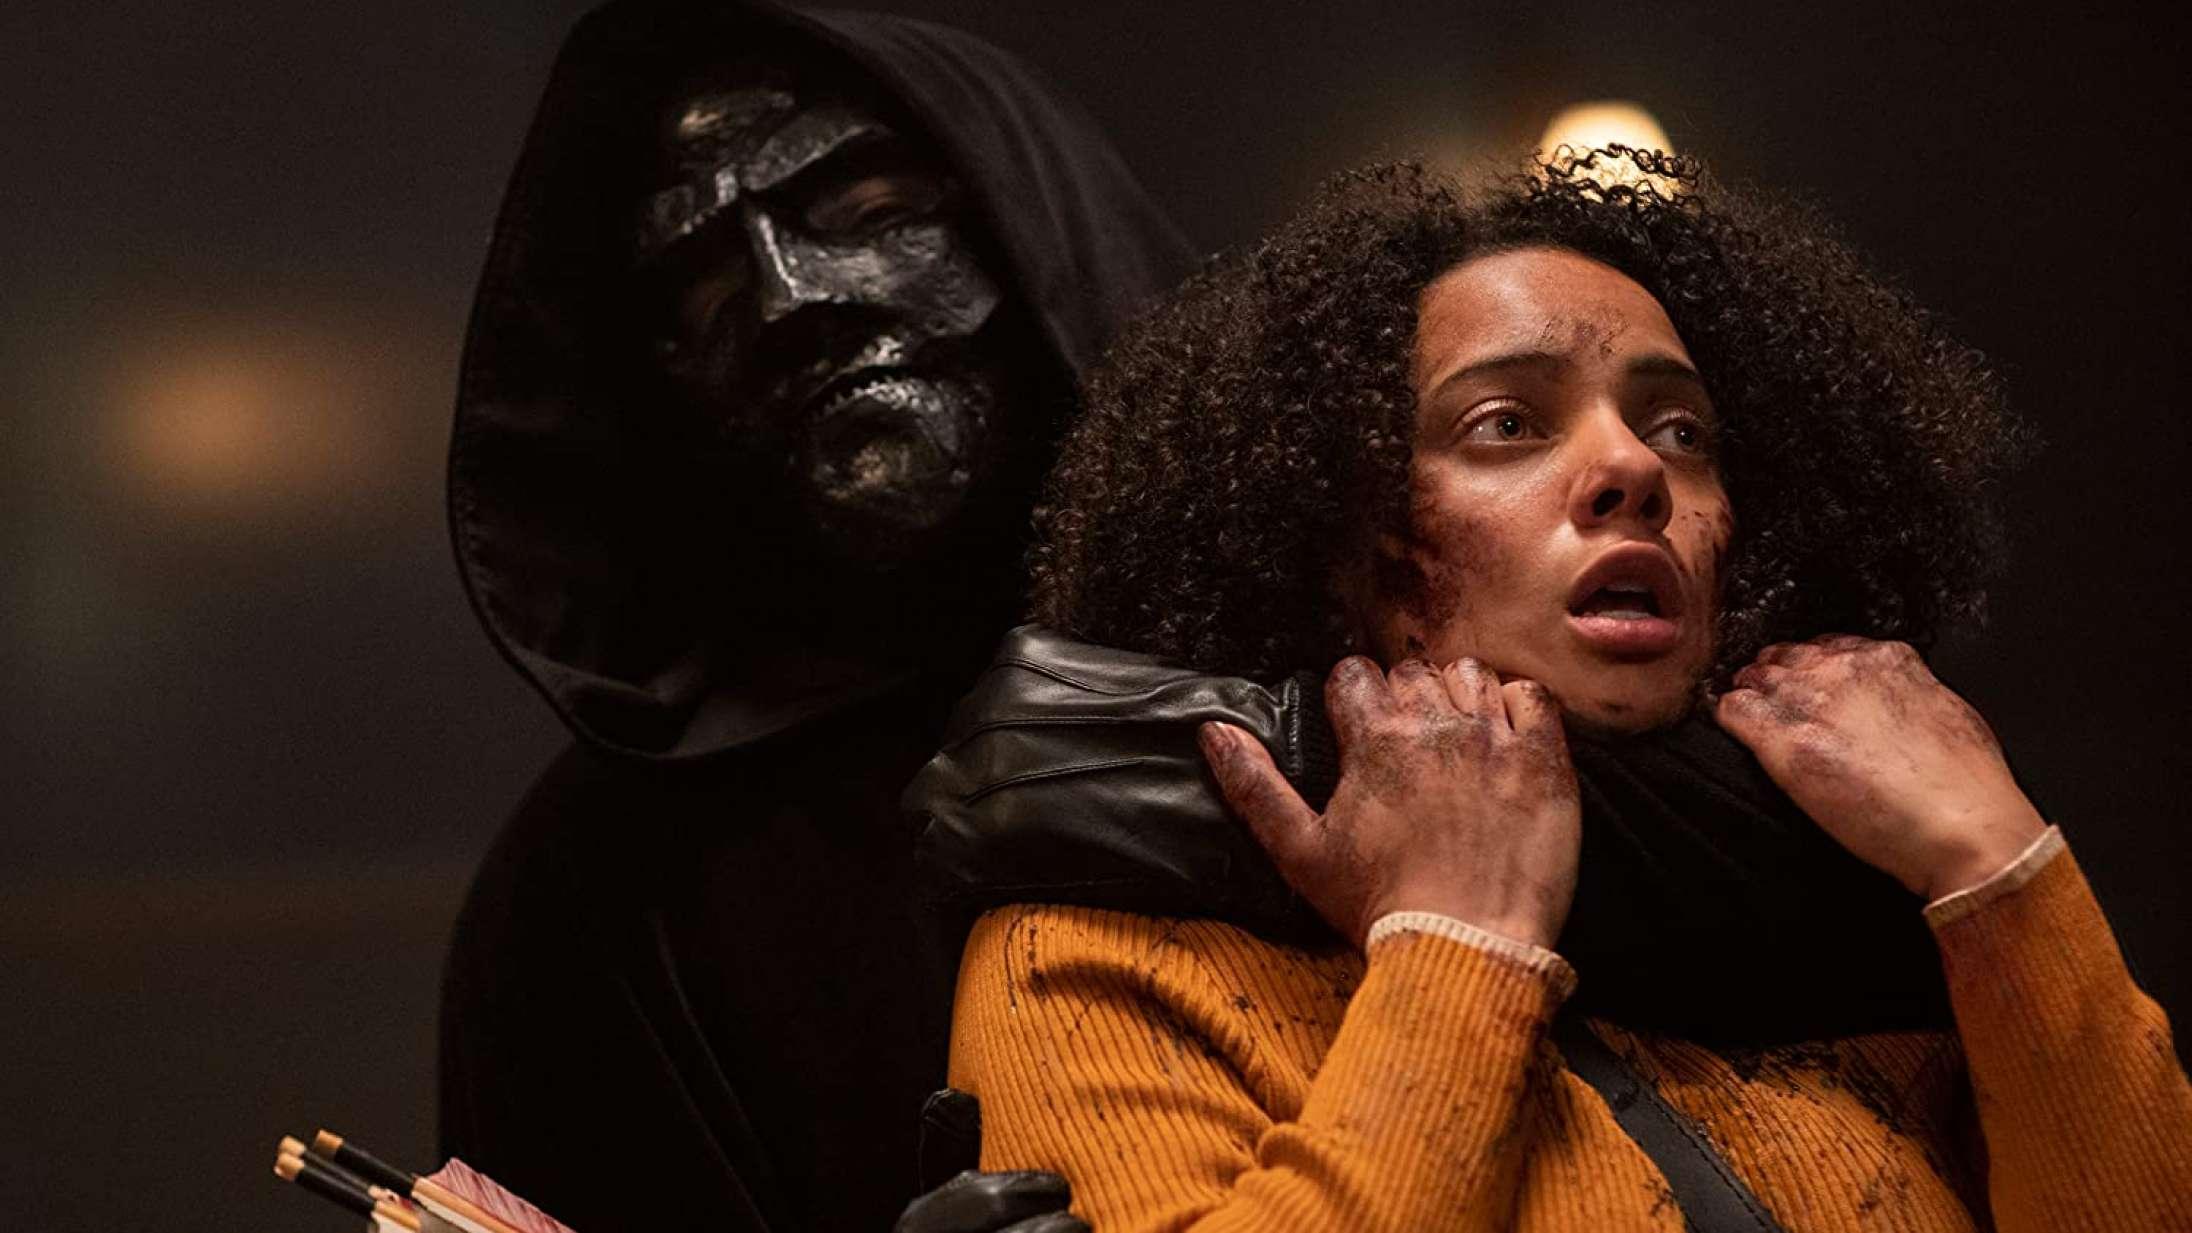 'Black Christmas': Blumhouses første gyser instrueret og skrevet af kvinder sparker underholdende til kønskampen